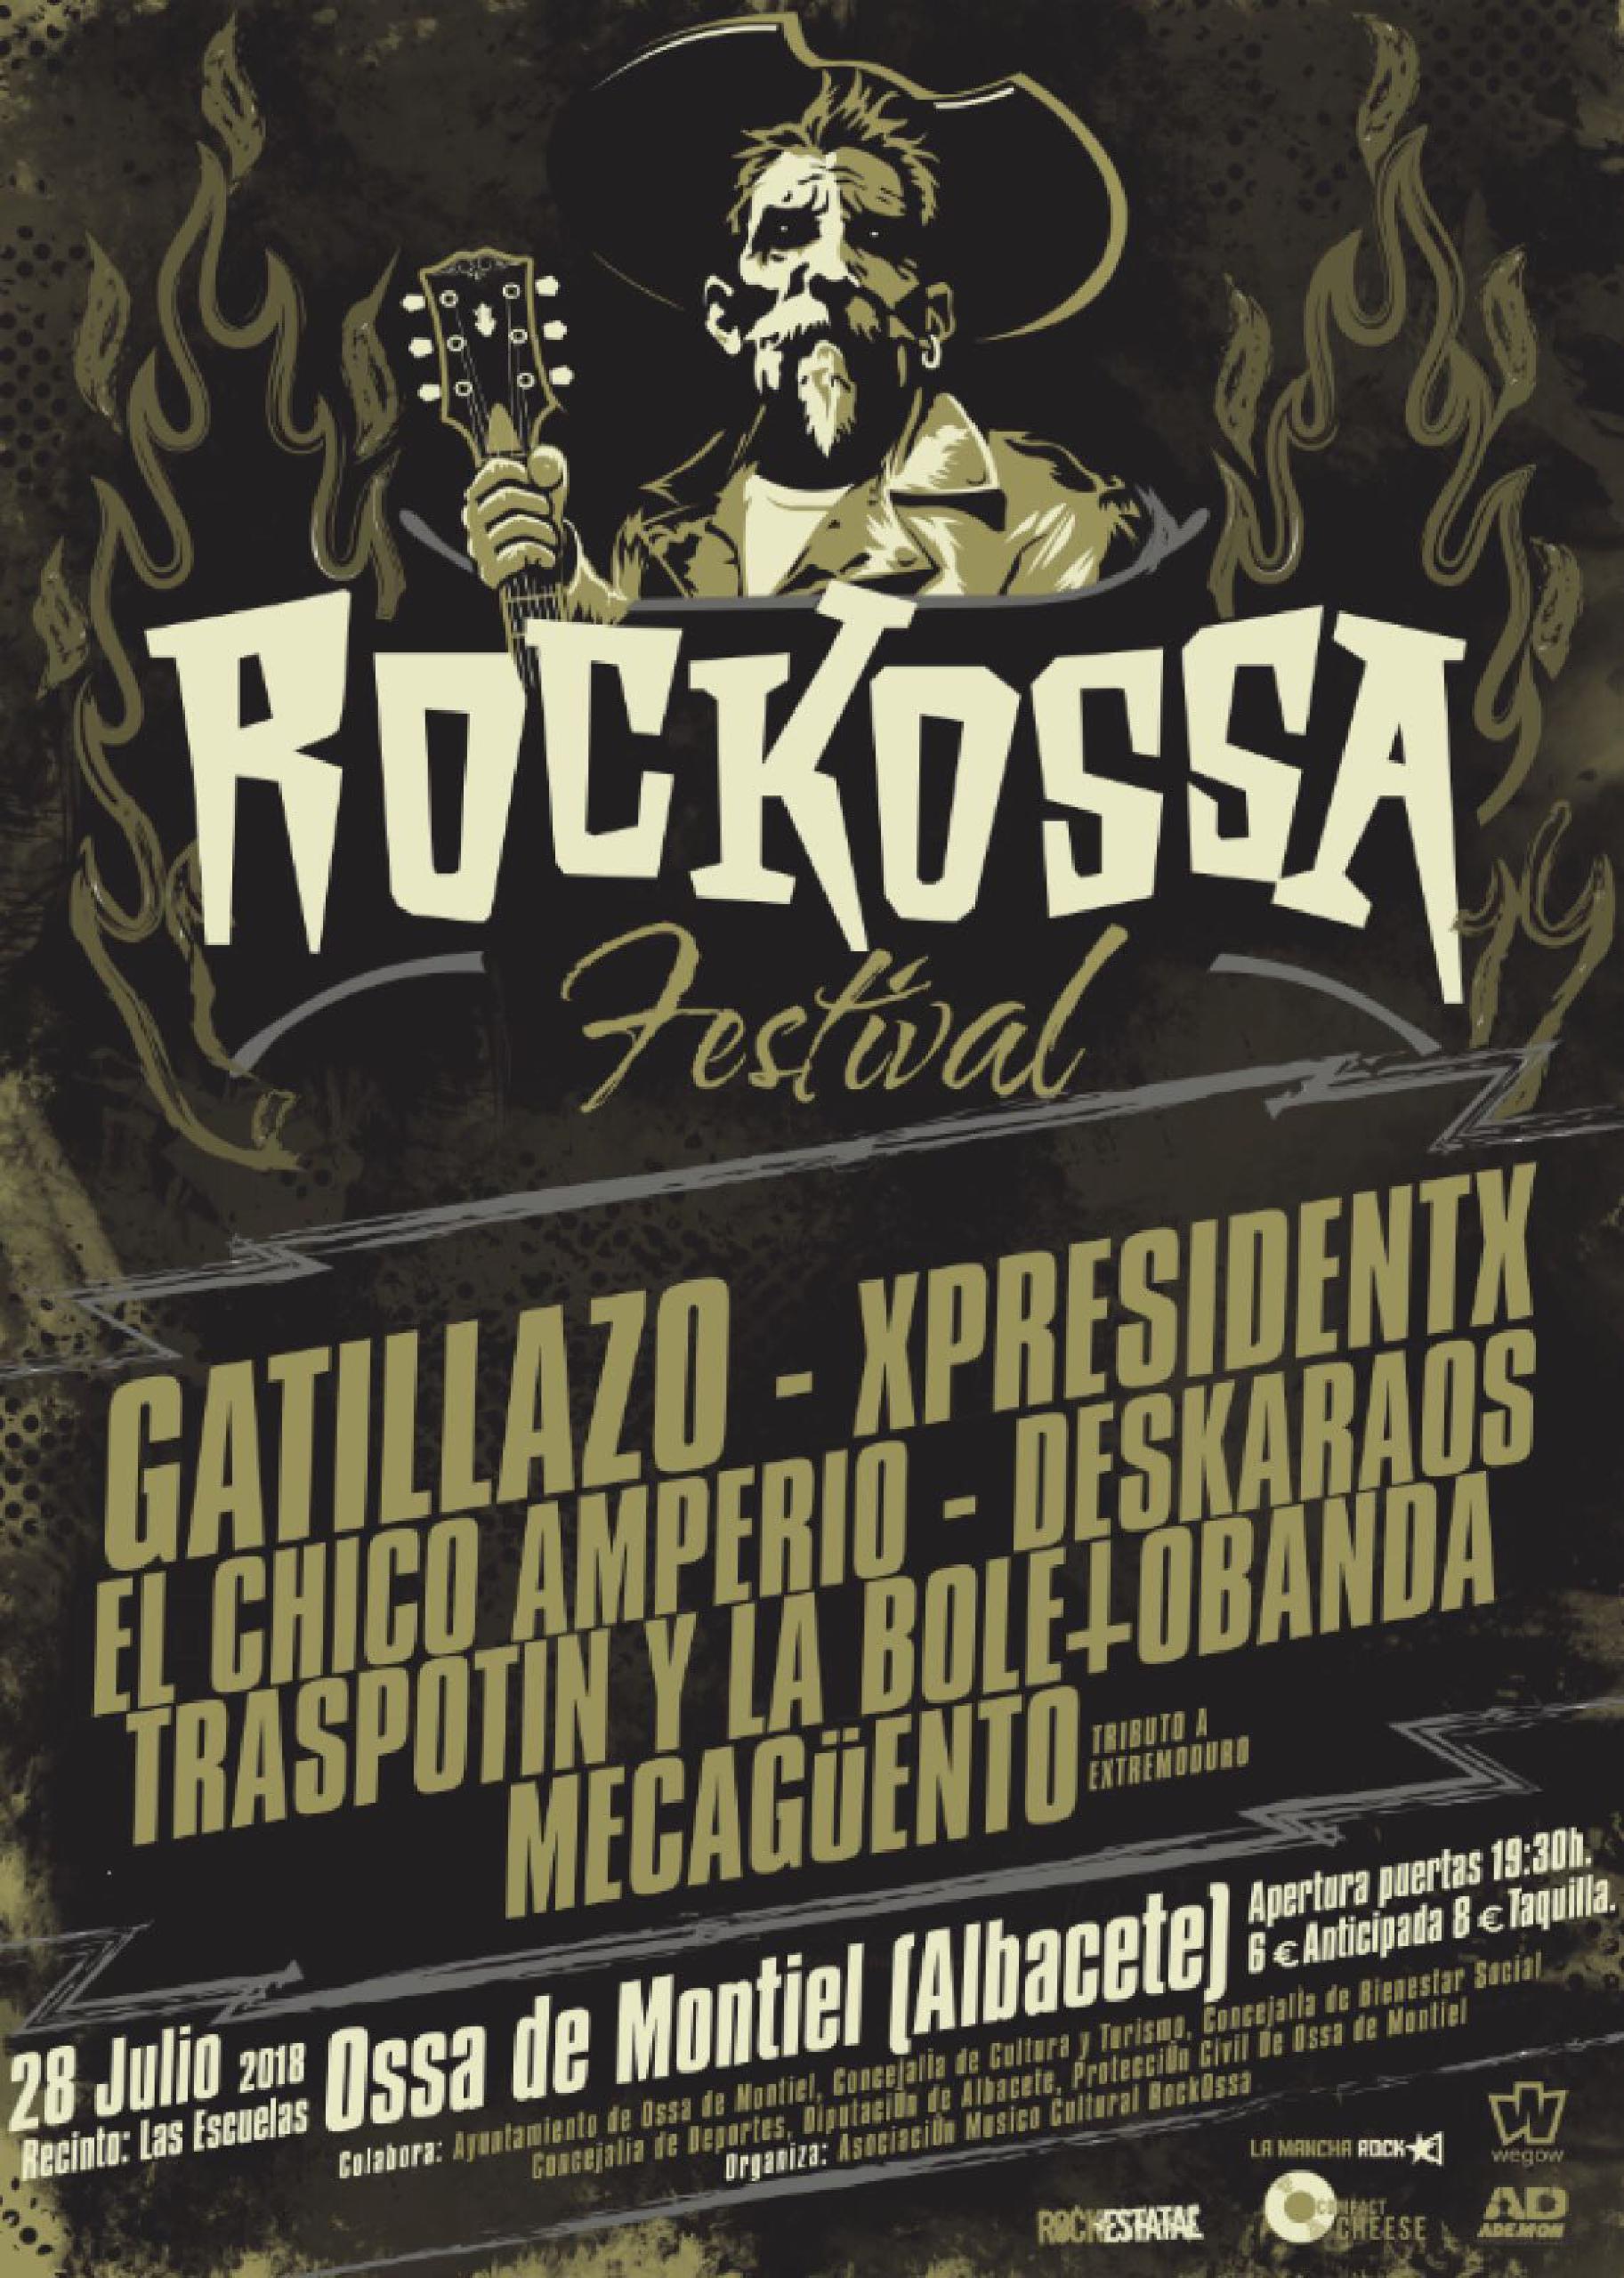 Rockossa Festival